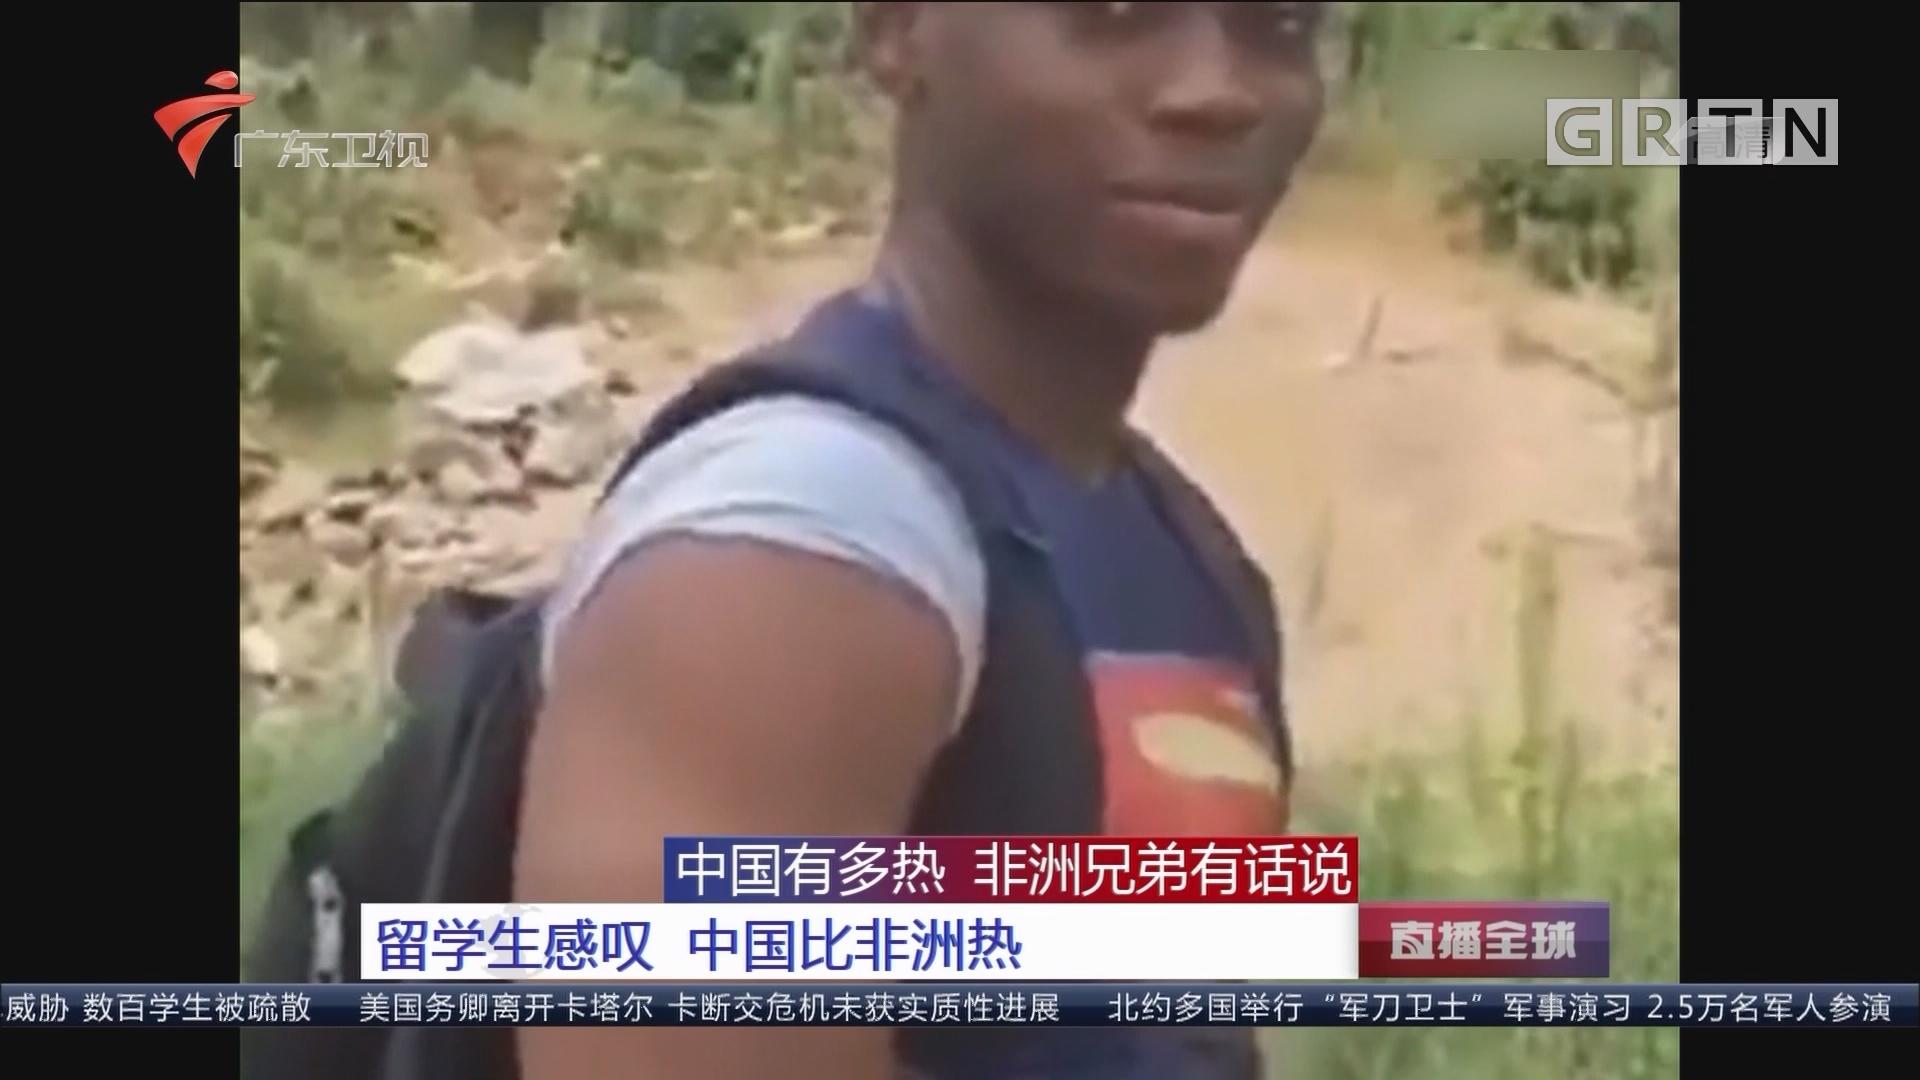 中国有多热 非洲兄弟有话说 留学生感叹 中国比非洲热